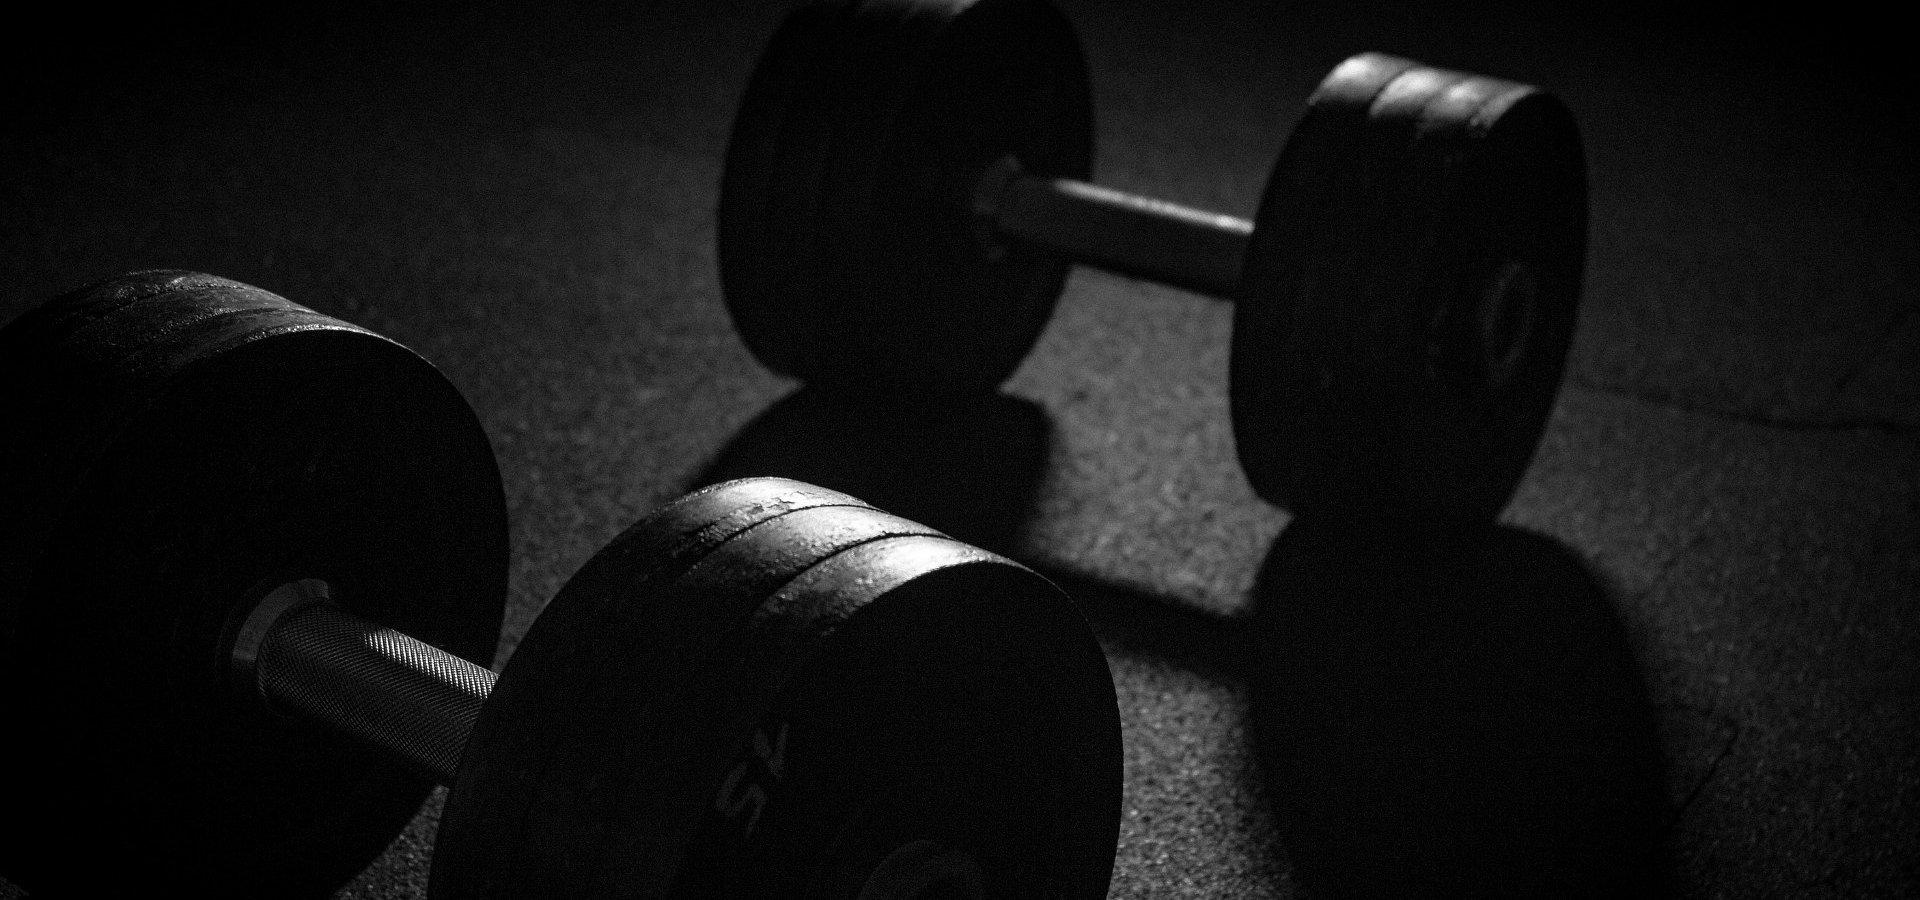 Sportowy lockdown, czyli jak dbać o zdrowie i kondycję w nowej normalności?